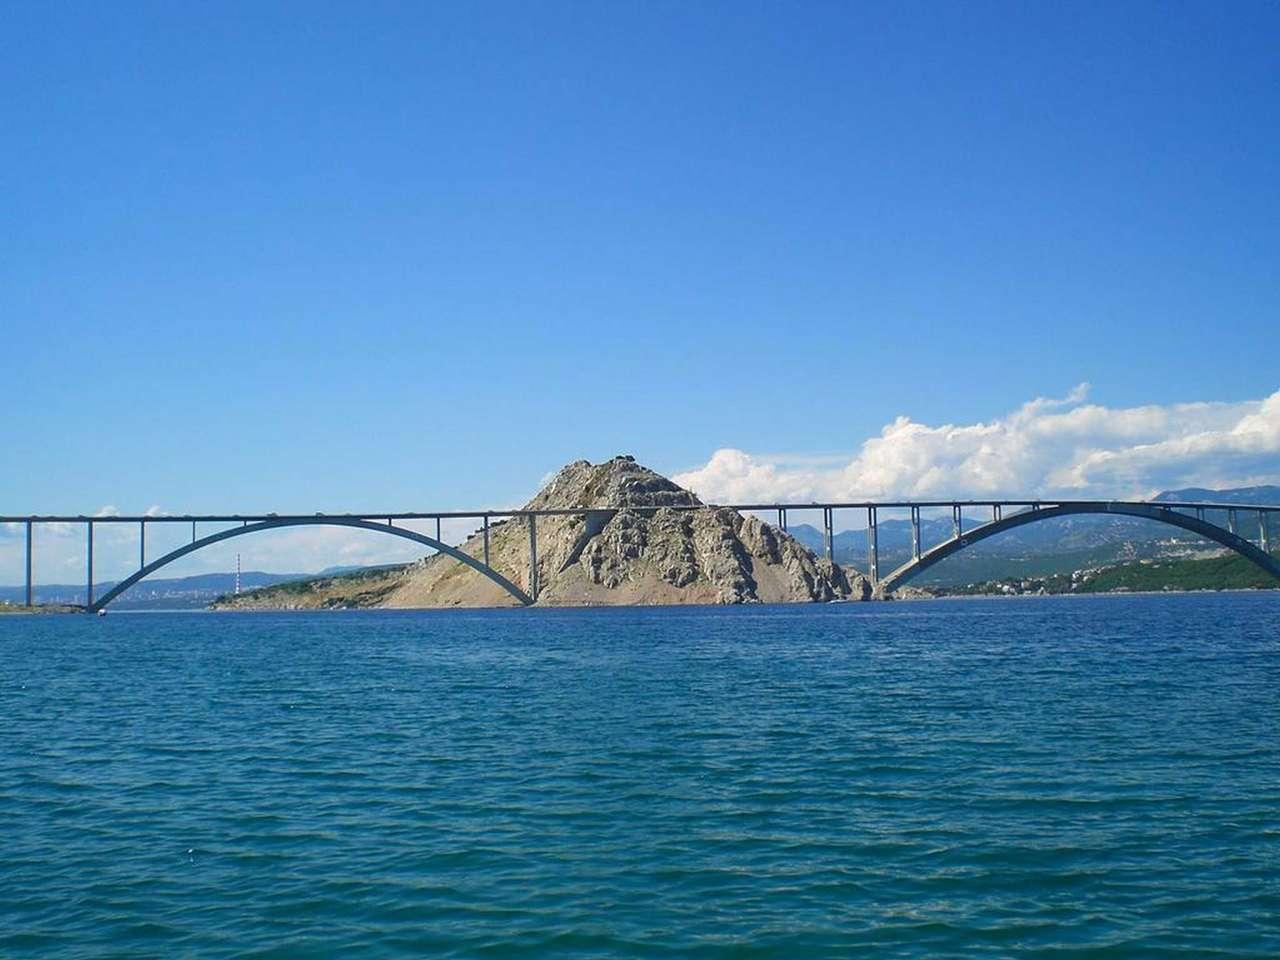 Ponti tra le isole di Krk Croazia (14×11)